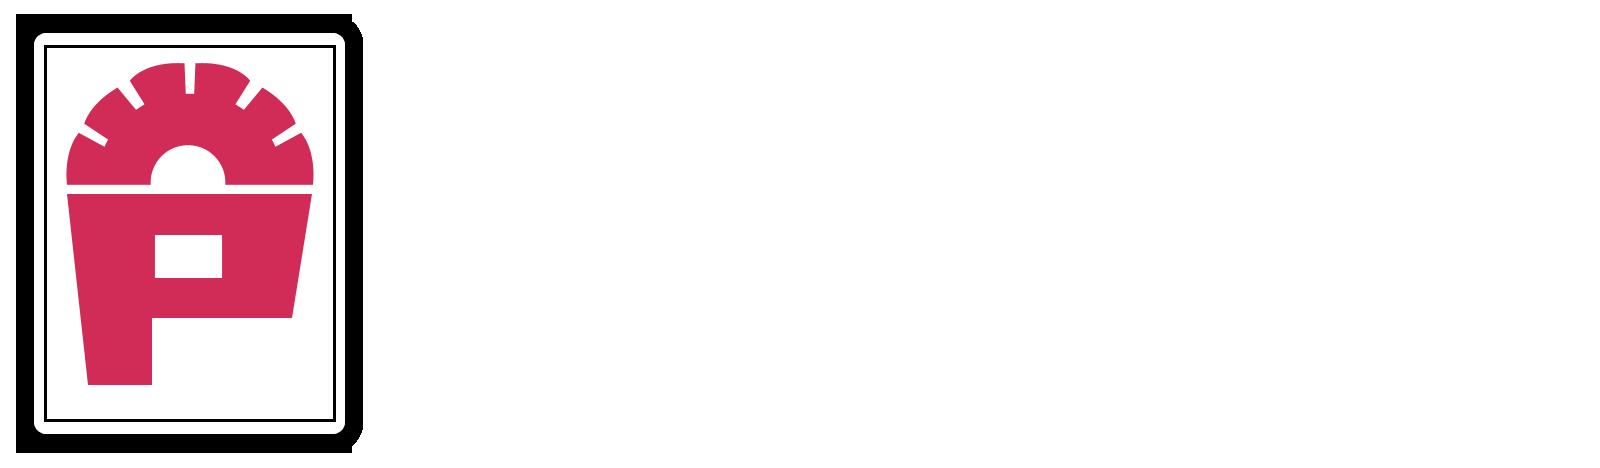 Prakash Lubriquipment Private Limited